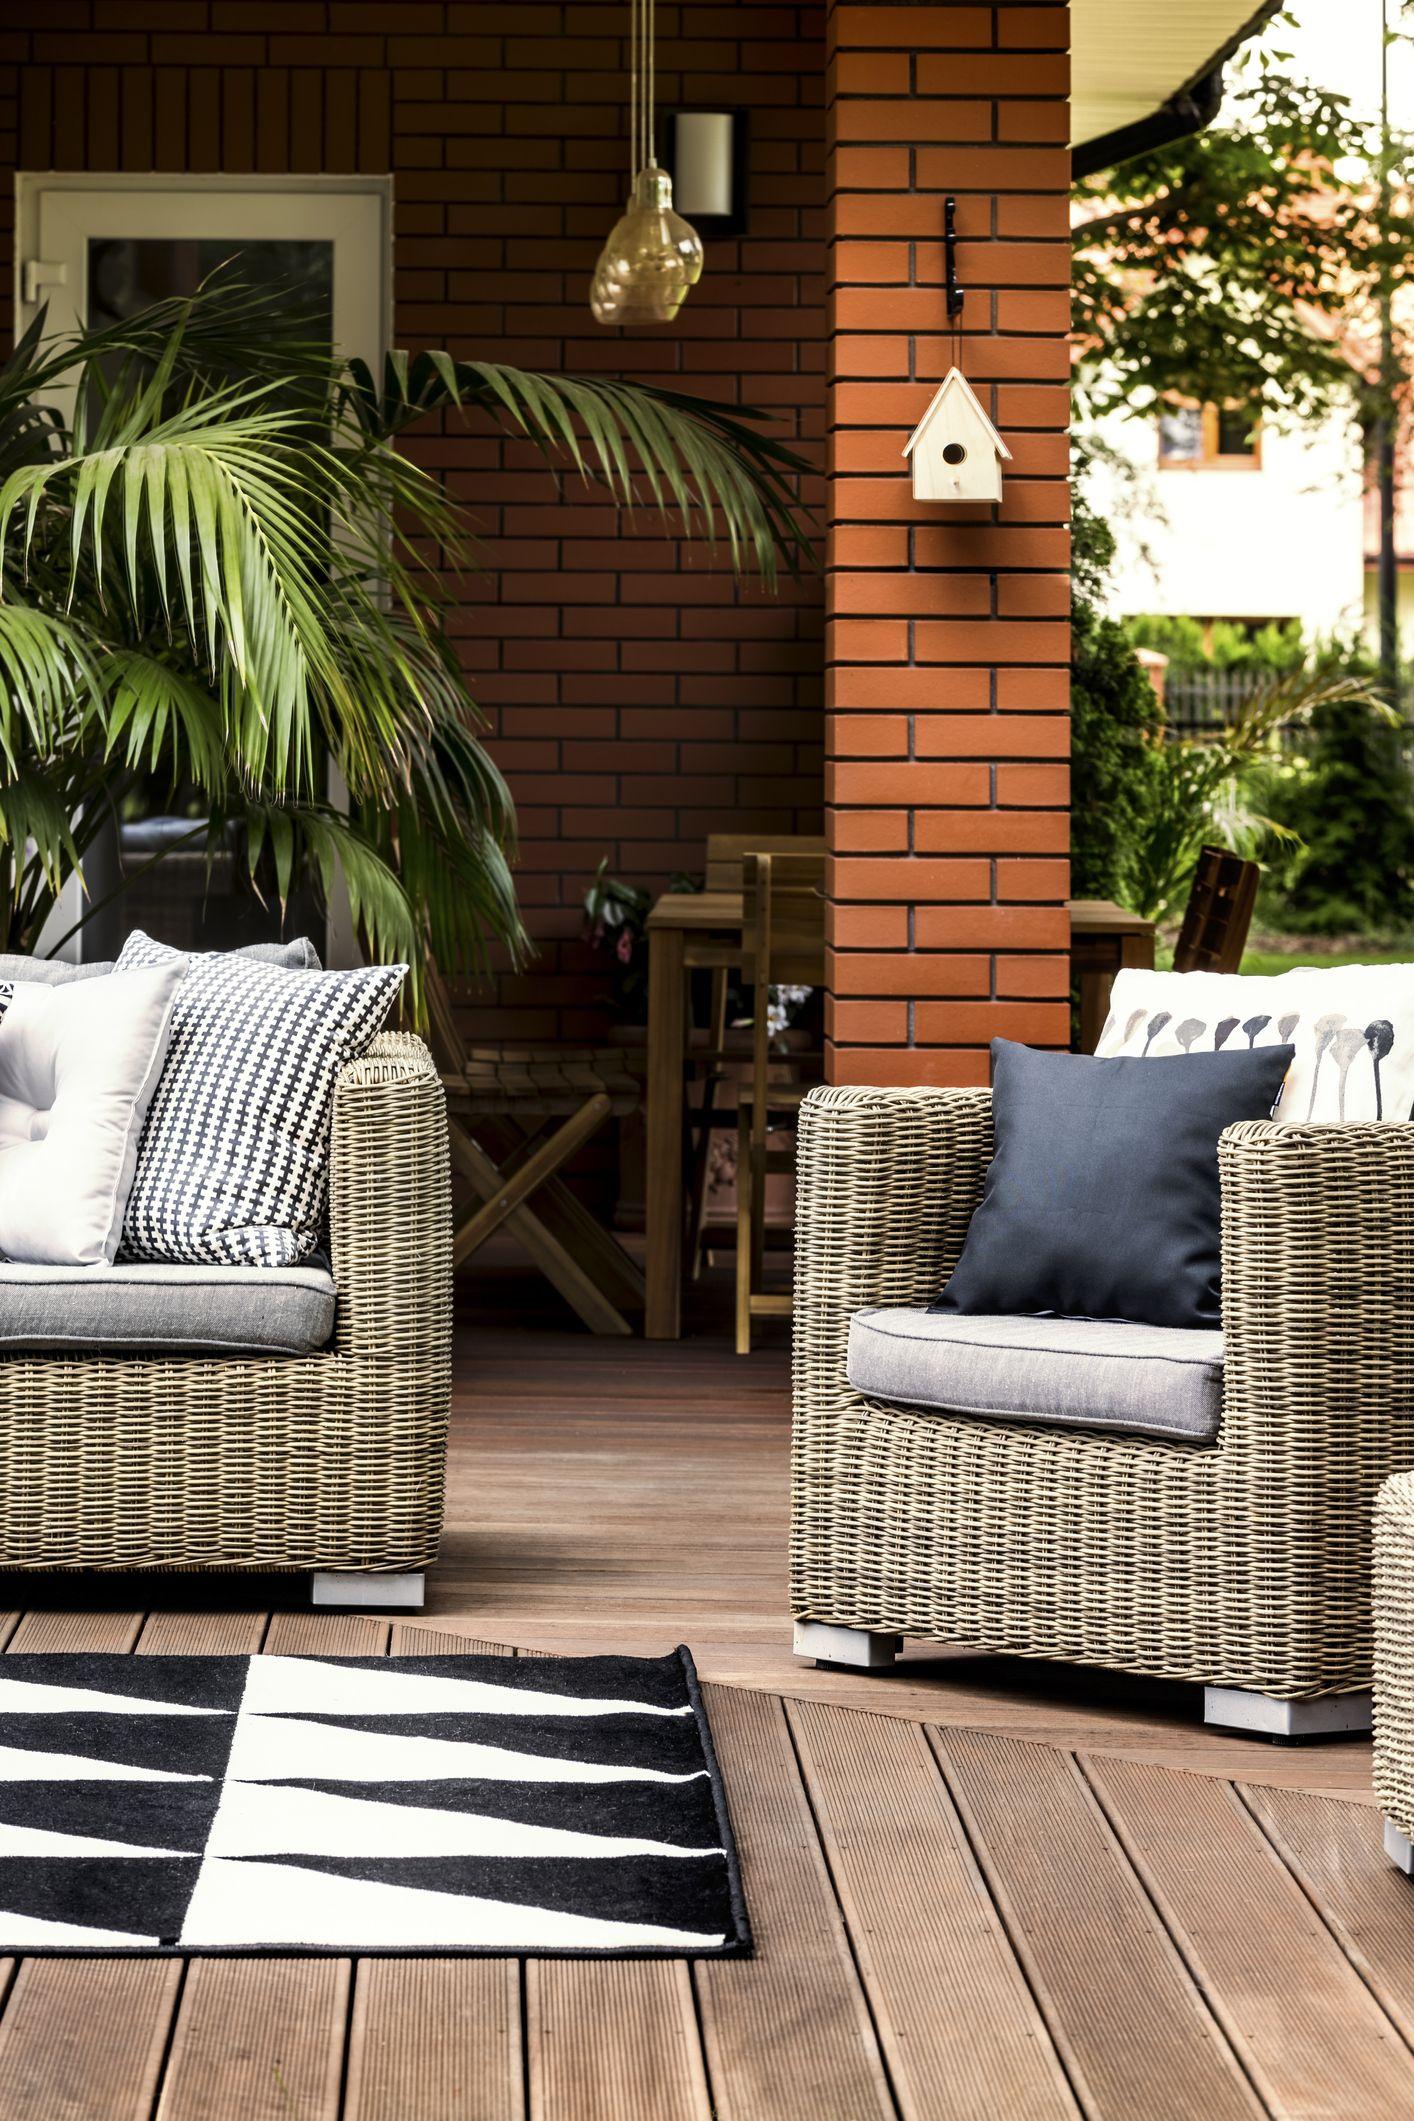 Brilliant Best Outdoor Furniture 2019 Where To Buy Patio Furniture Inzonedesignstudio Interior Chair Design Inzonedesignstudiocom